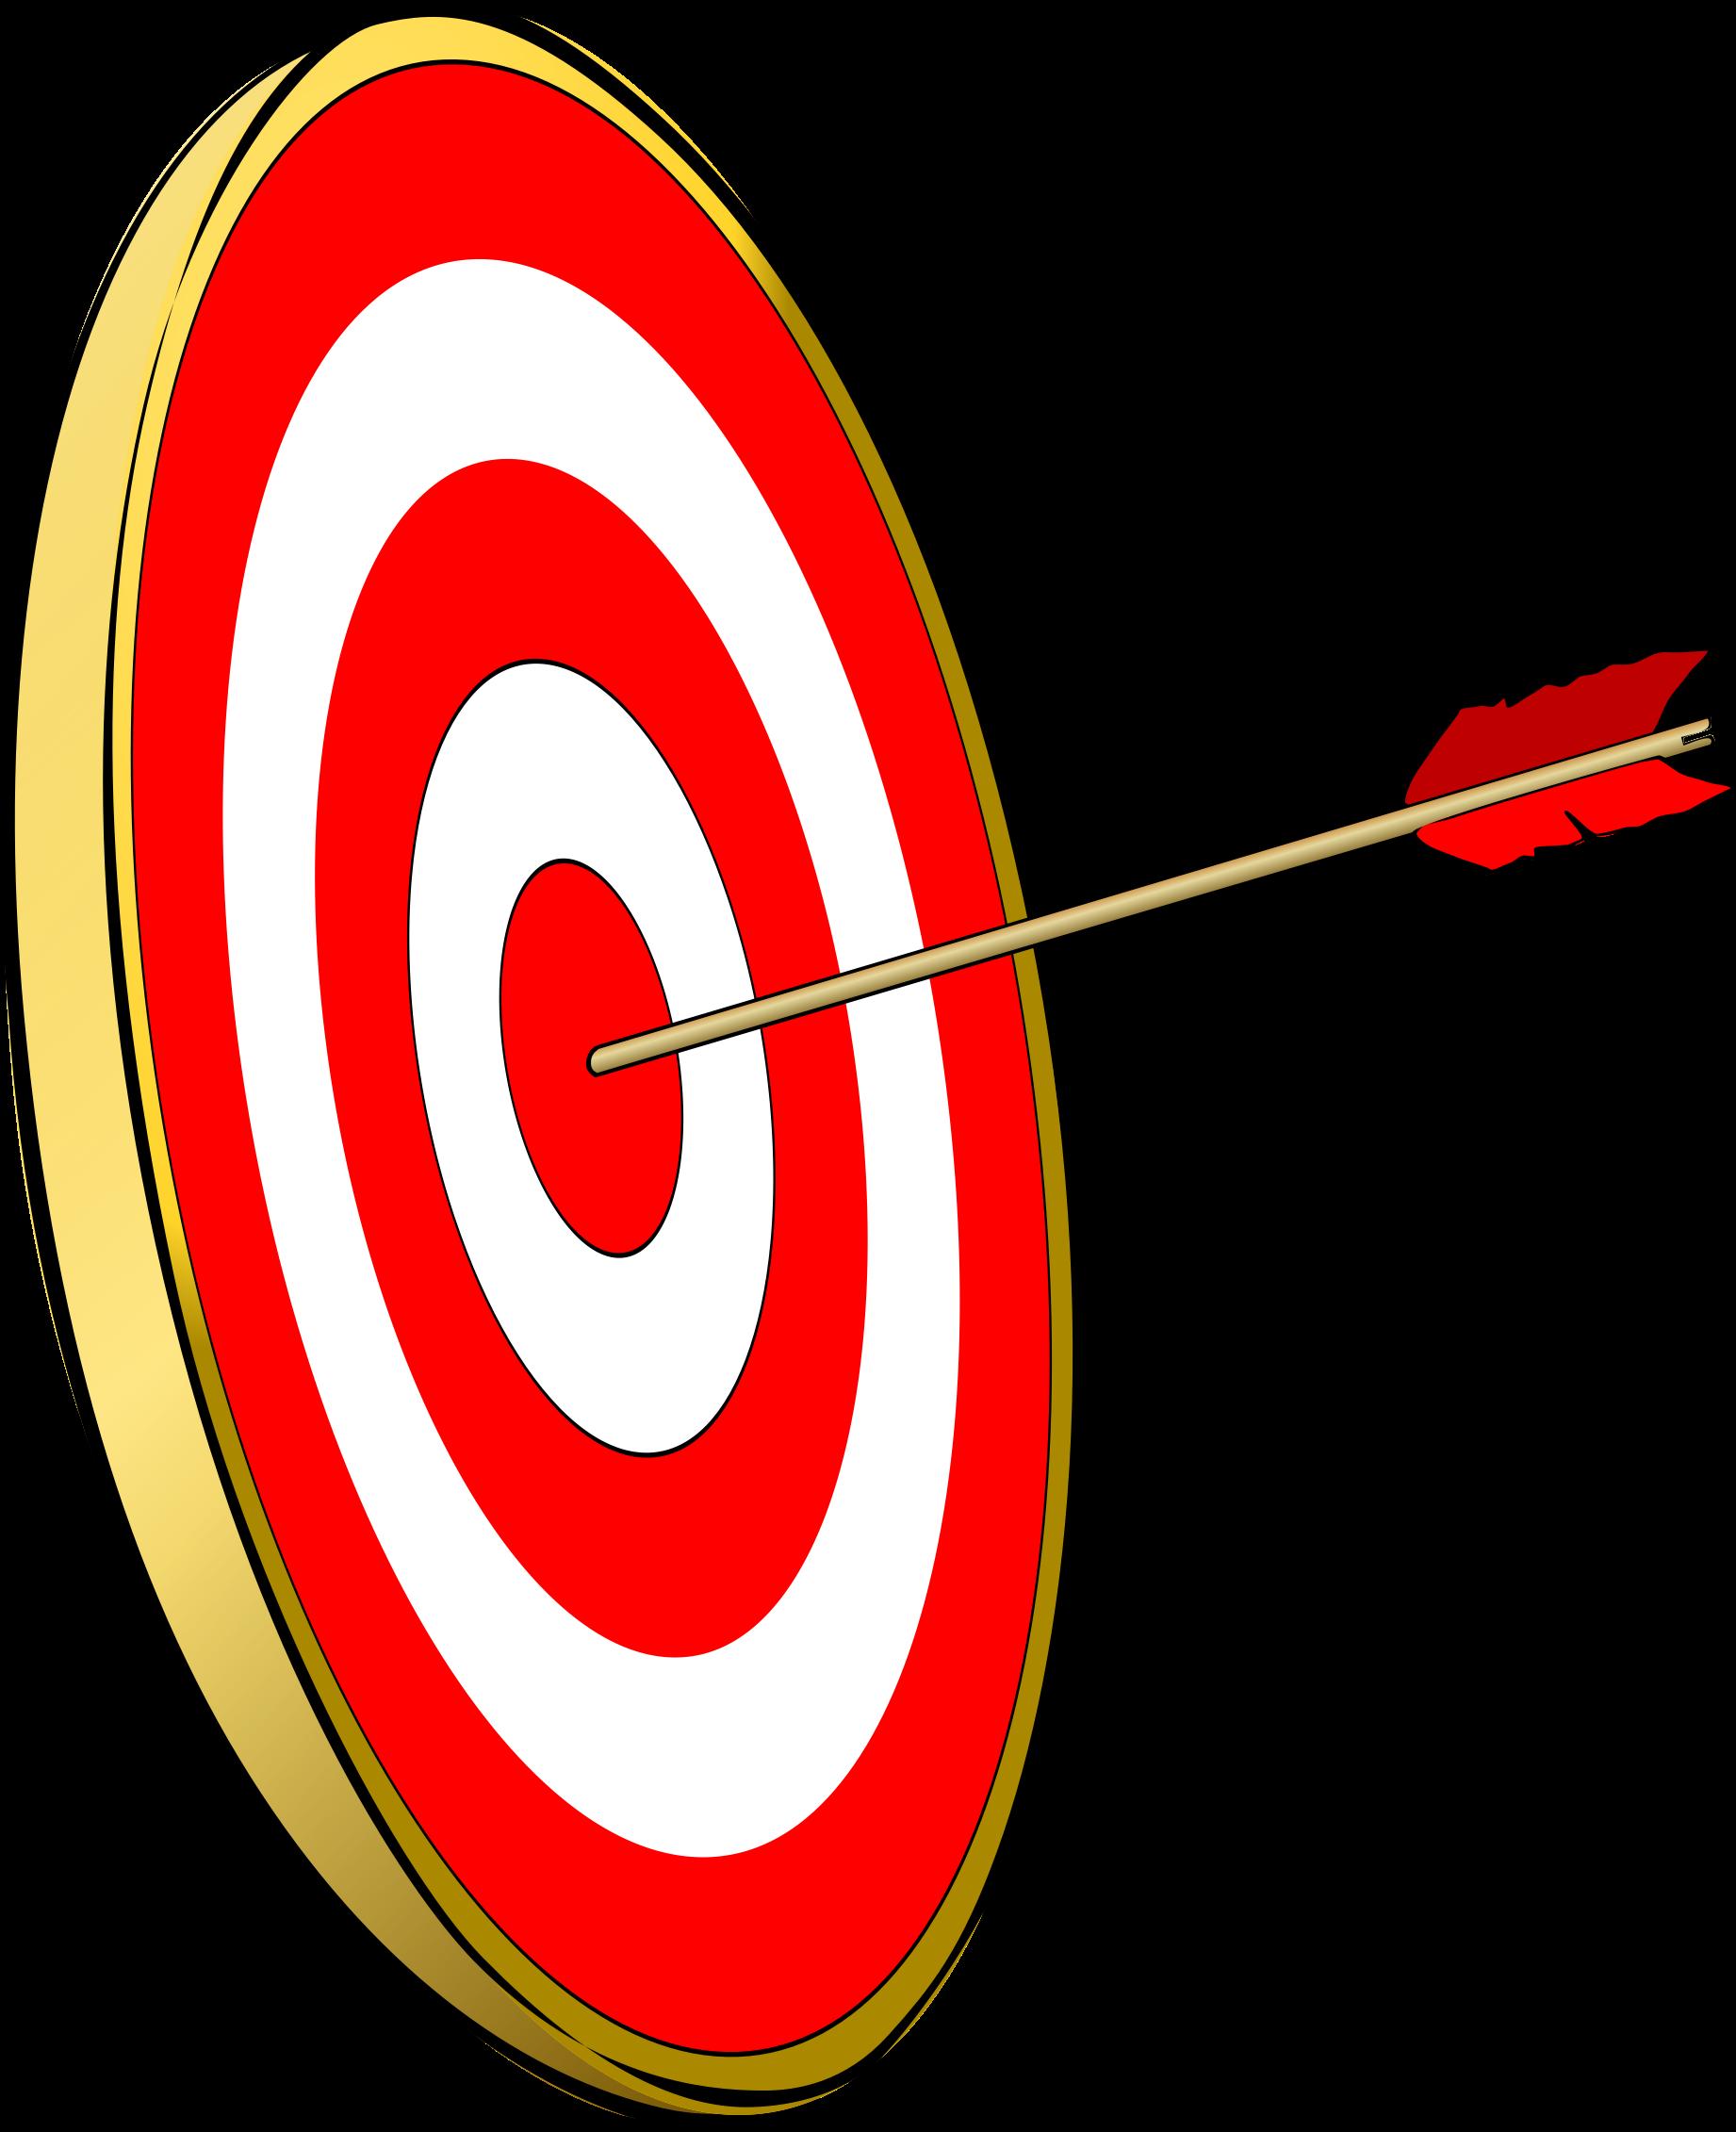 By amcolley an arrow. Bullseye clipart simple